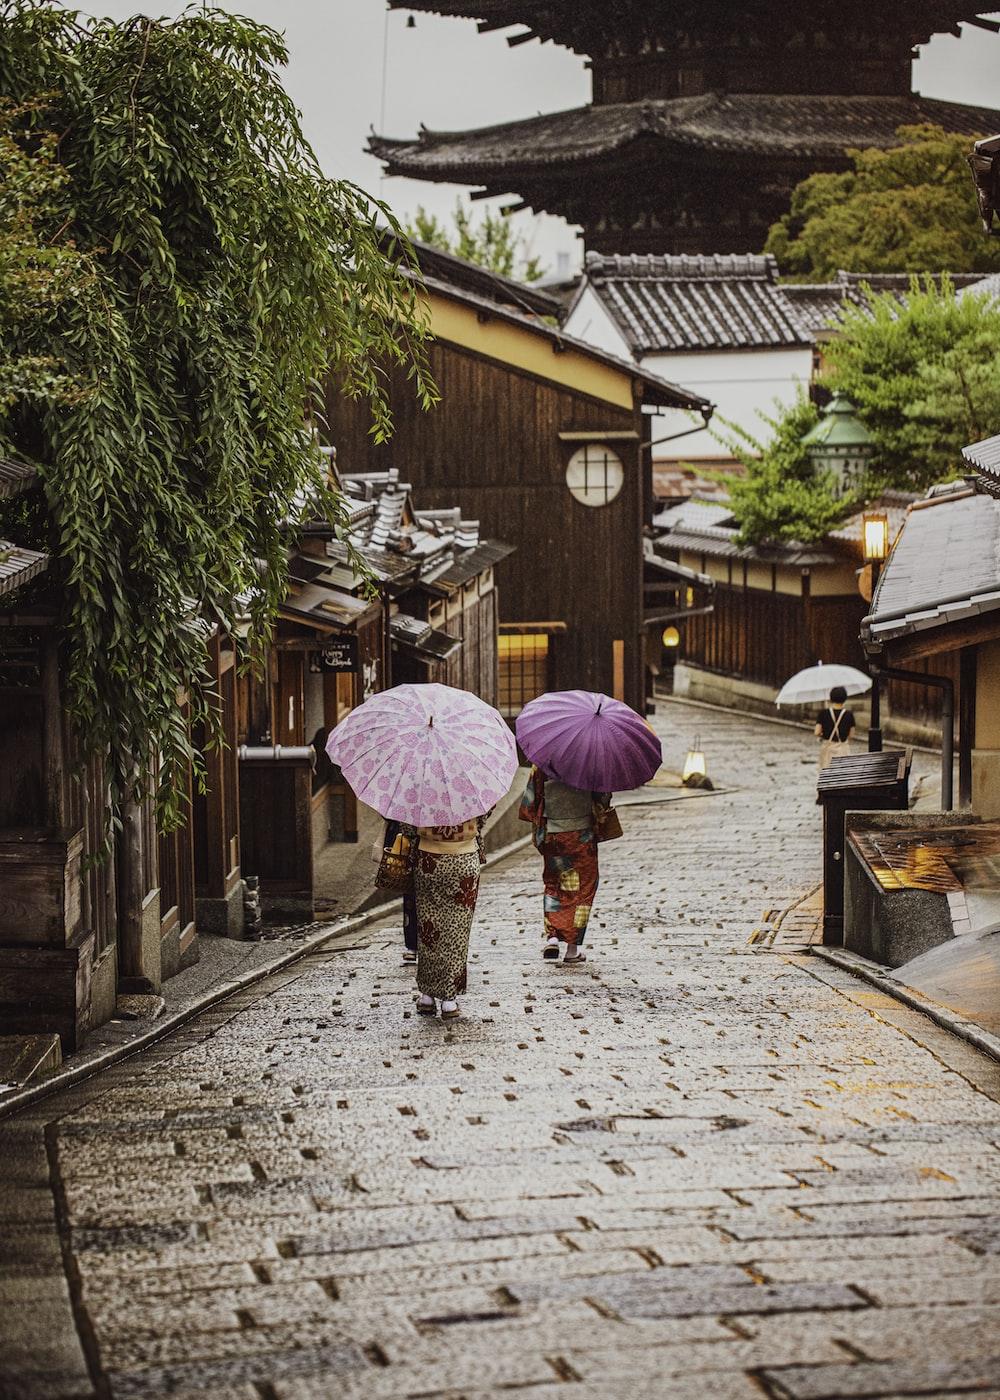 woman in pink umbrella walking on sidewalk during daytime